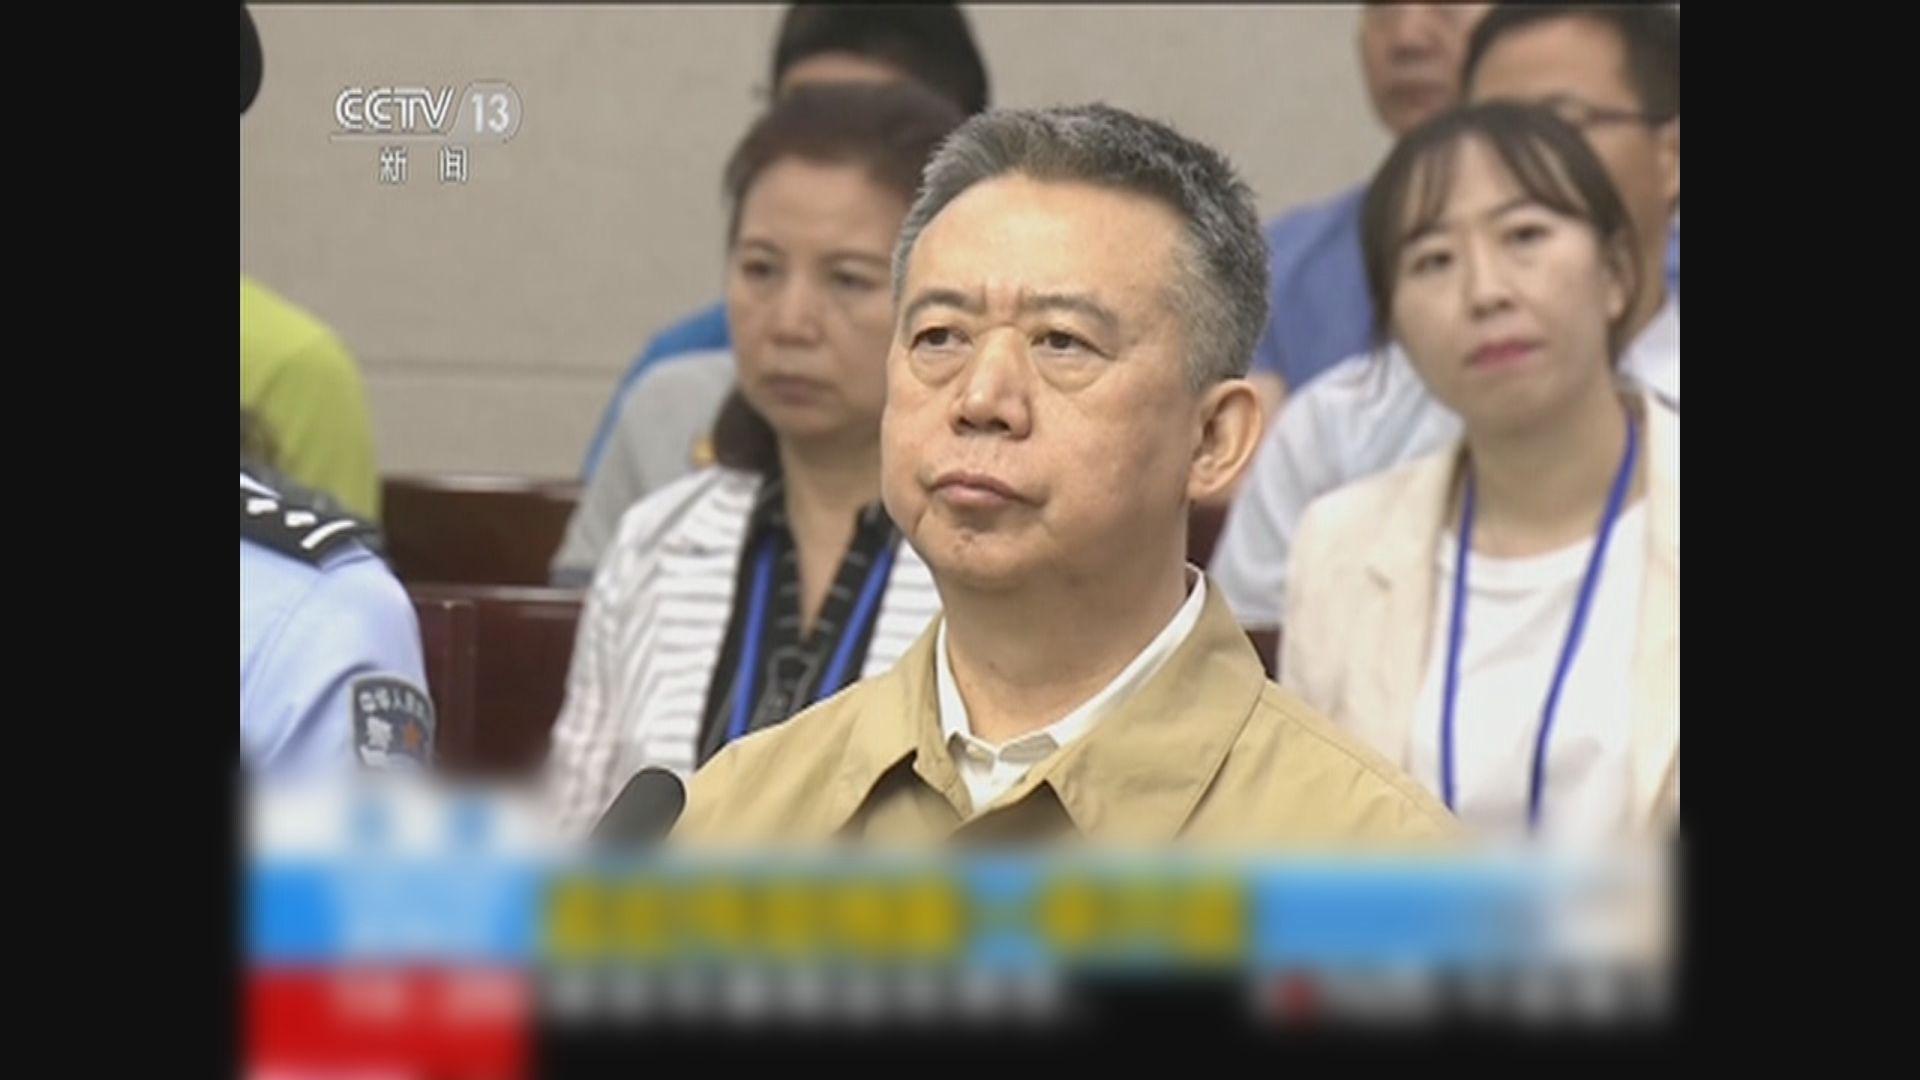 孟宏偉涉受賄當庭認罪 擇日宣判